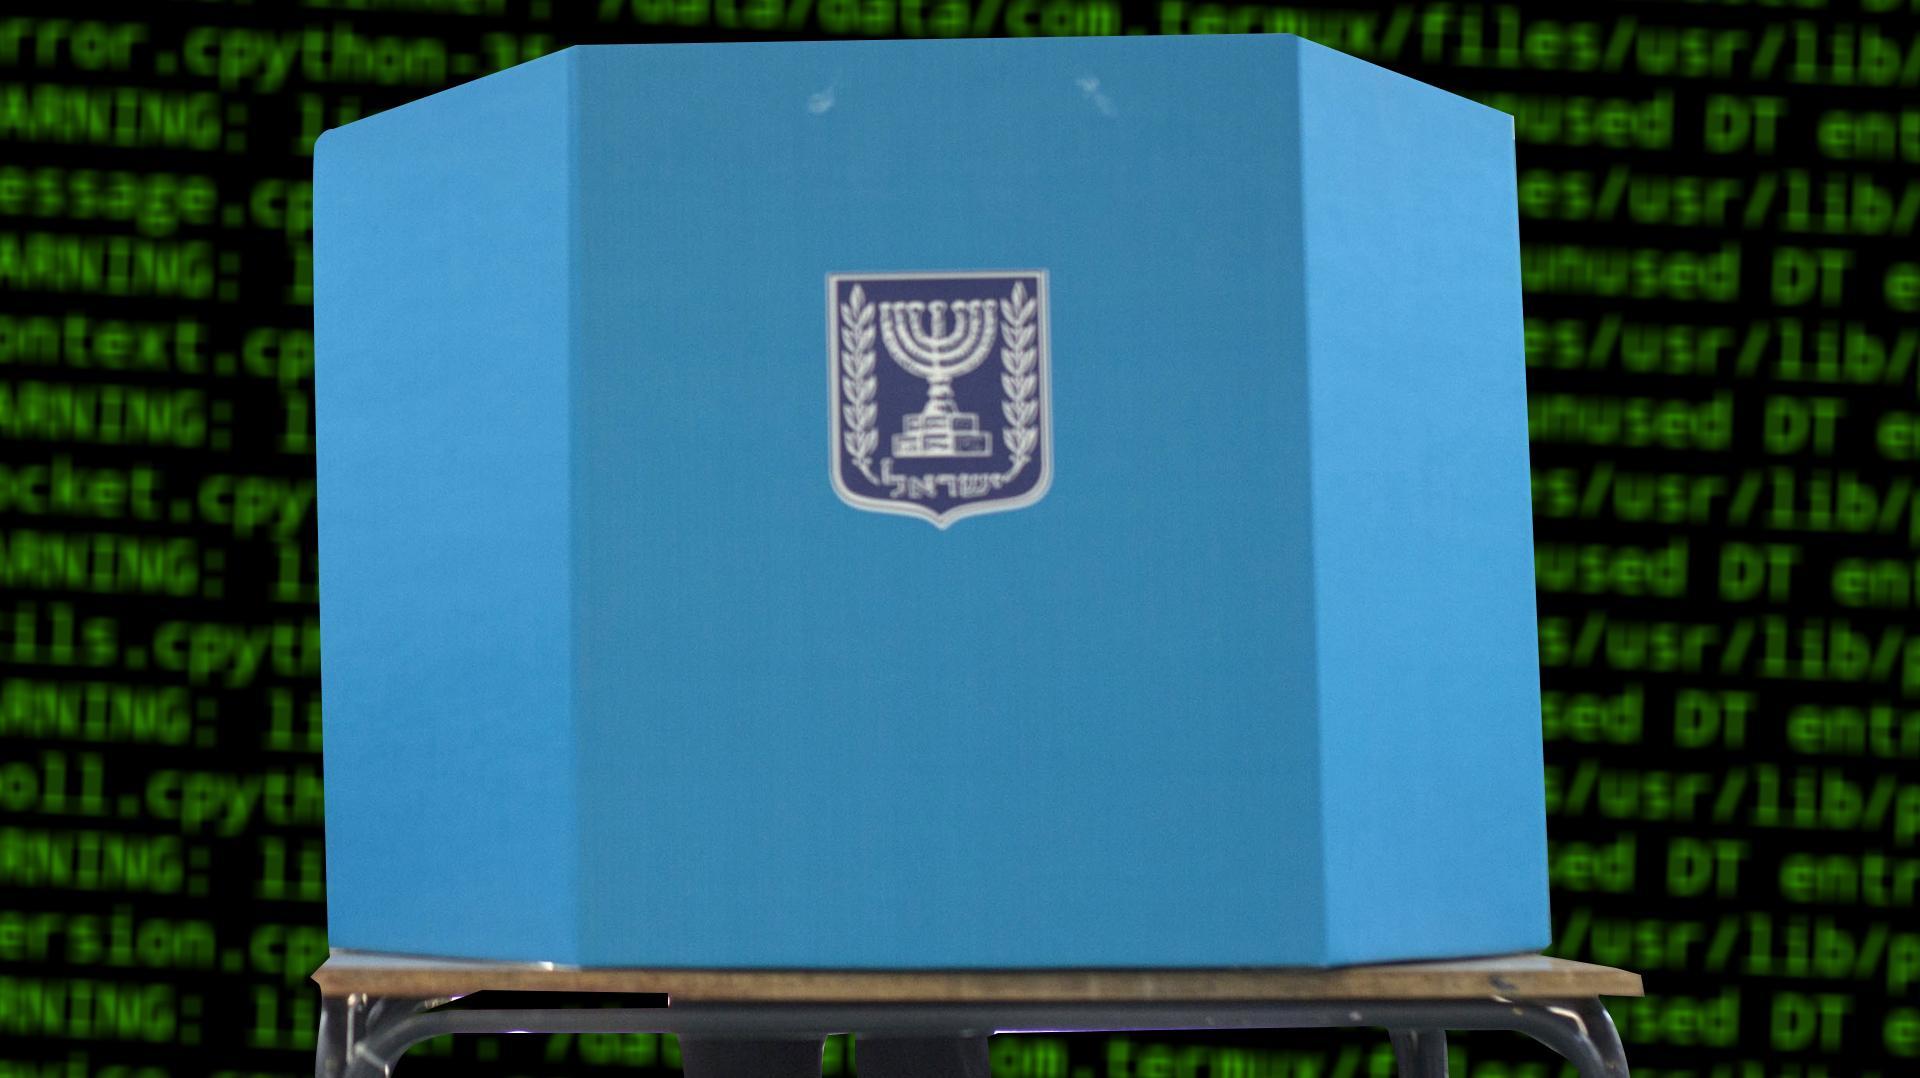 בחירות 2015, אזרחים מצביעים בירושלים\ 17 במרץ, 2015. טלי מאייר